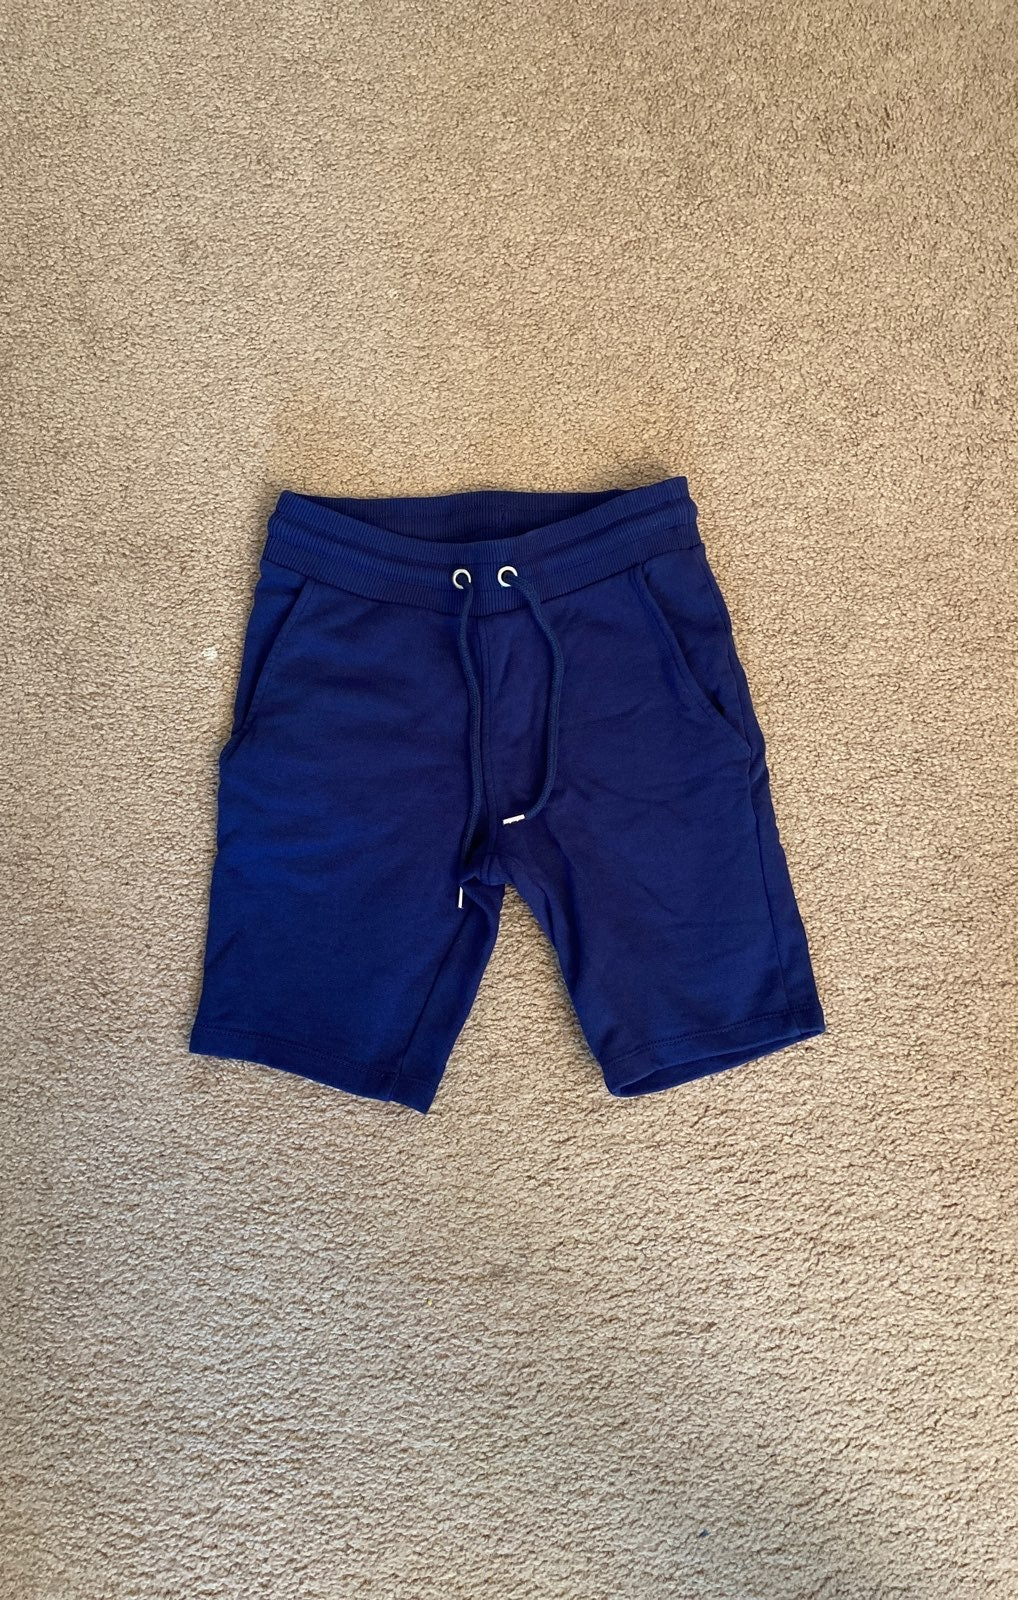 ASOS Men's shorts